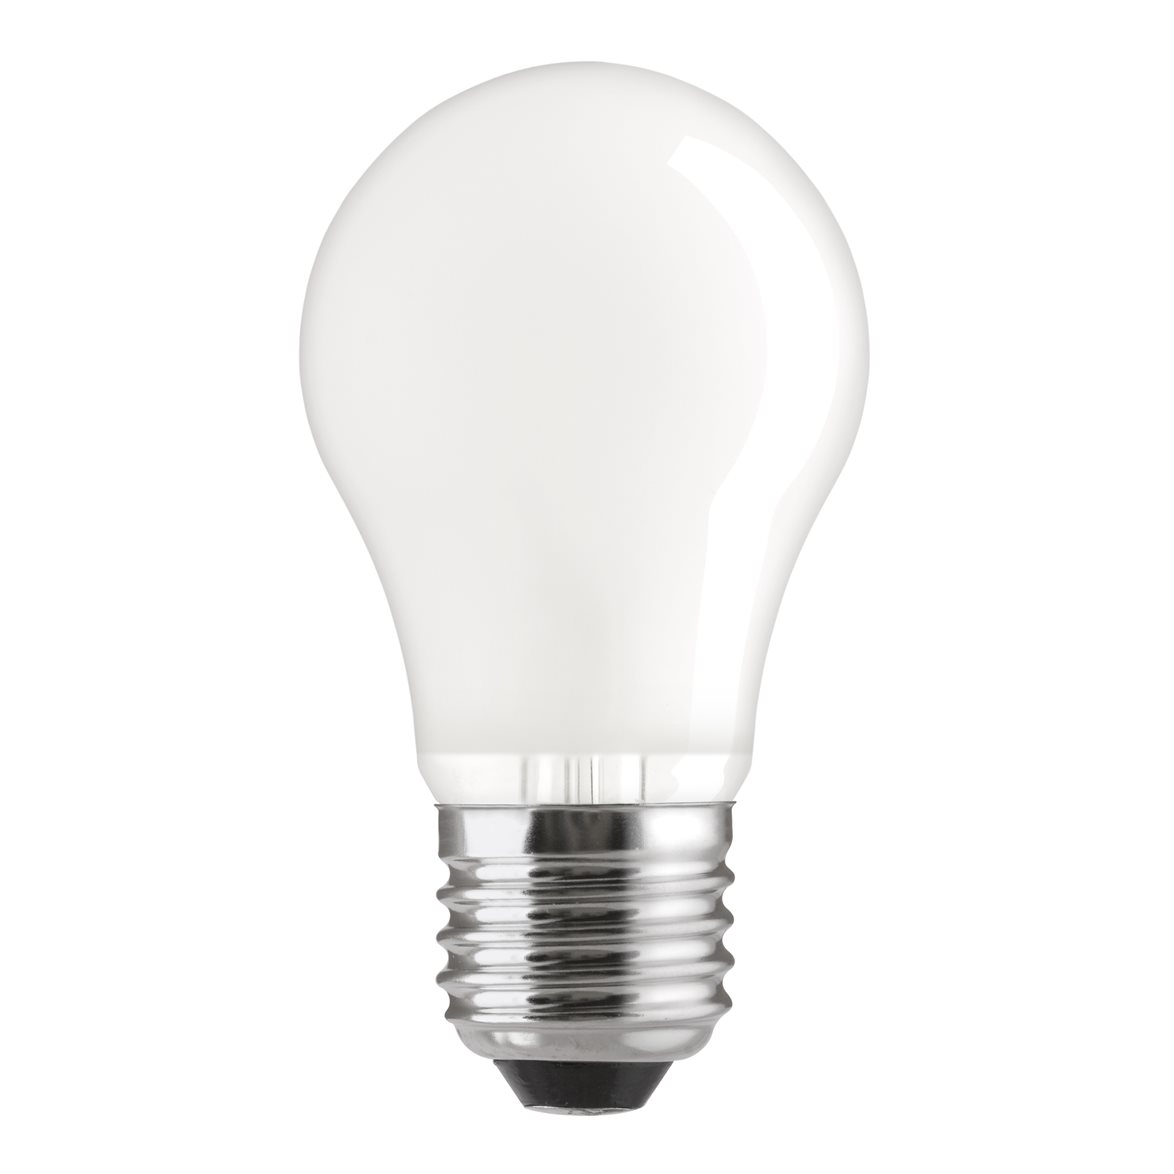 Glödlampa 15W normal E27, matt